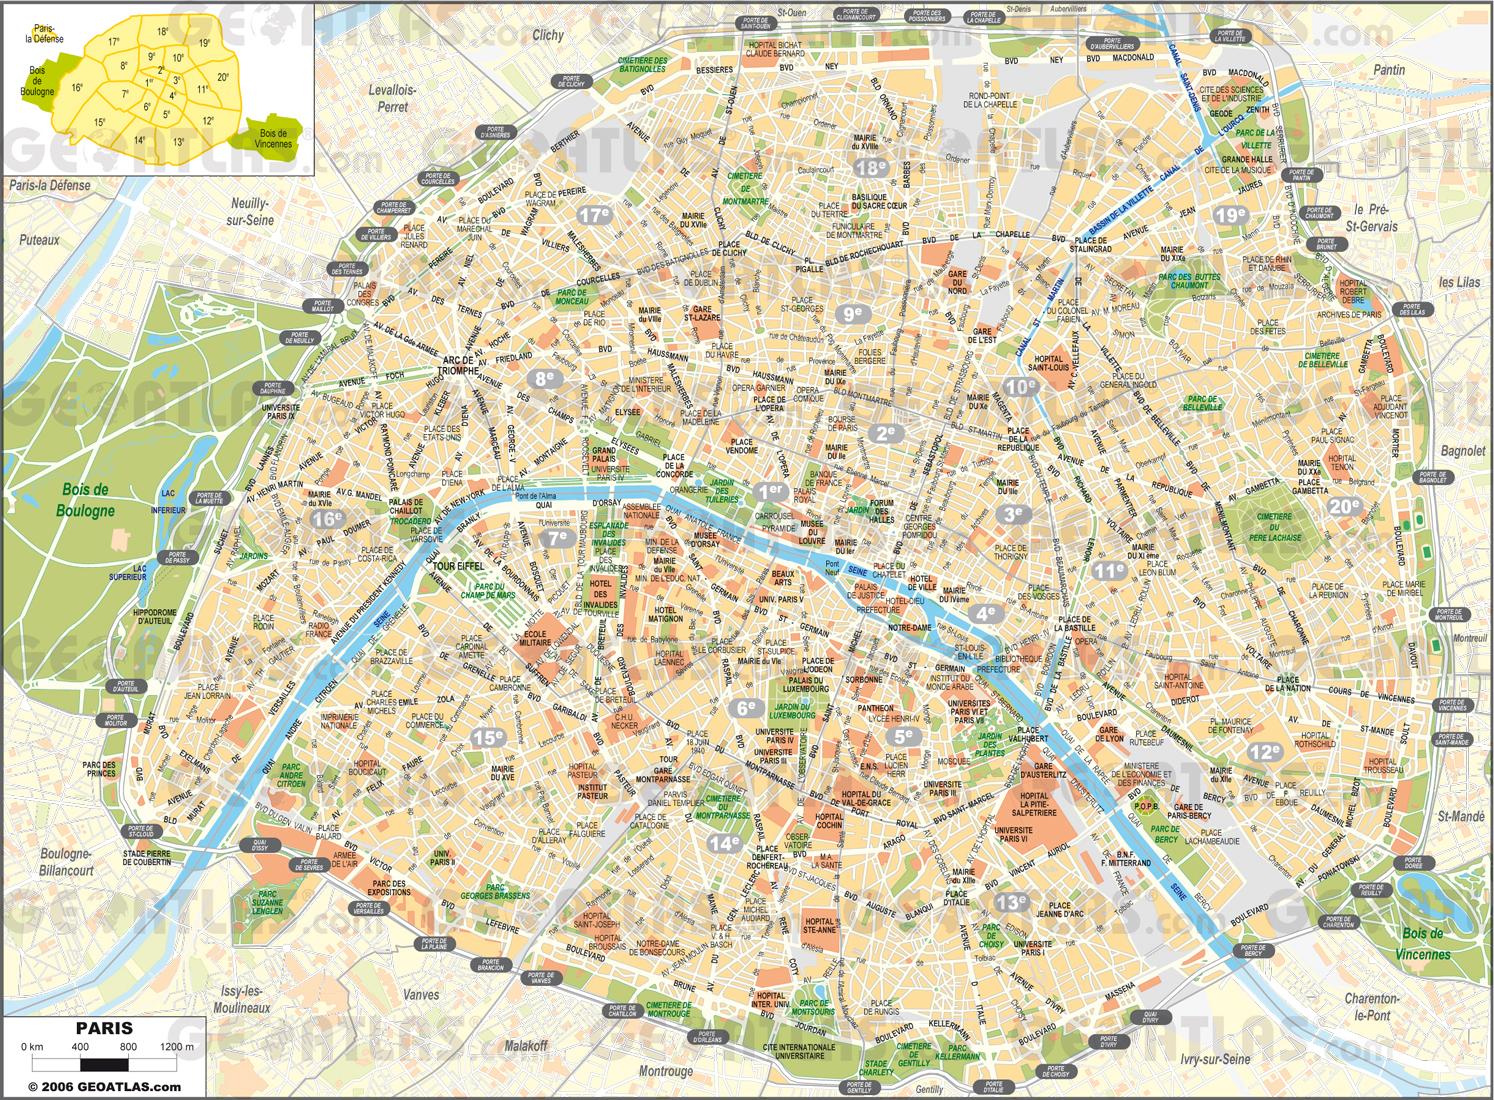 Printable Map Paris Download Printable Map Paris   Travel Maps And - Printable Map Of Paris City Centre